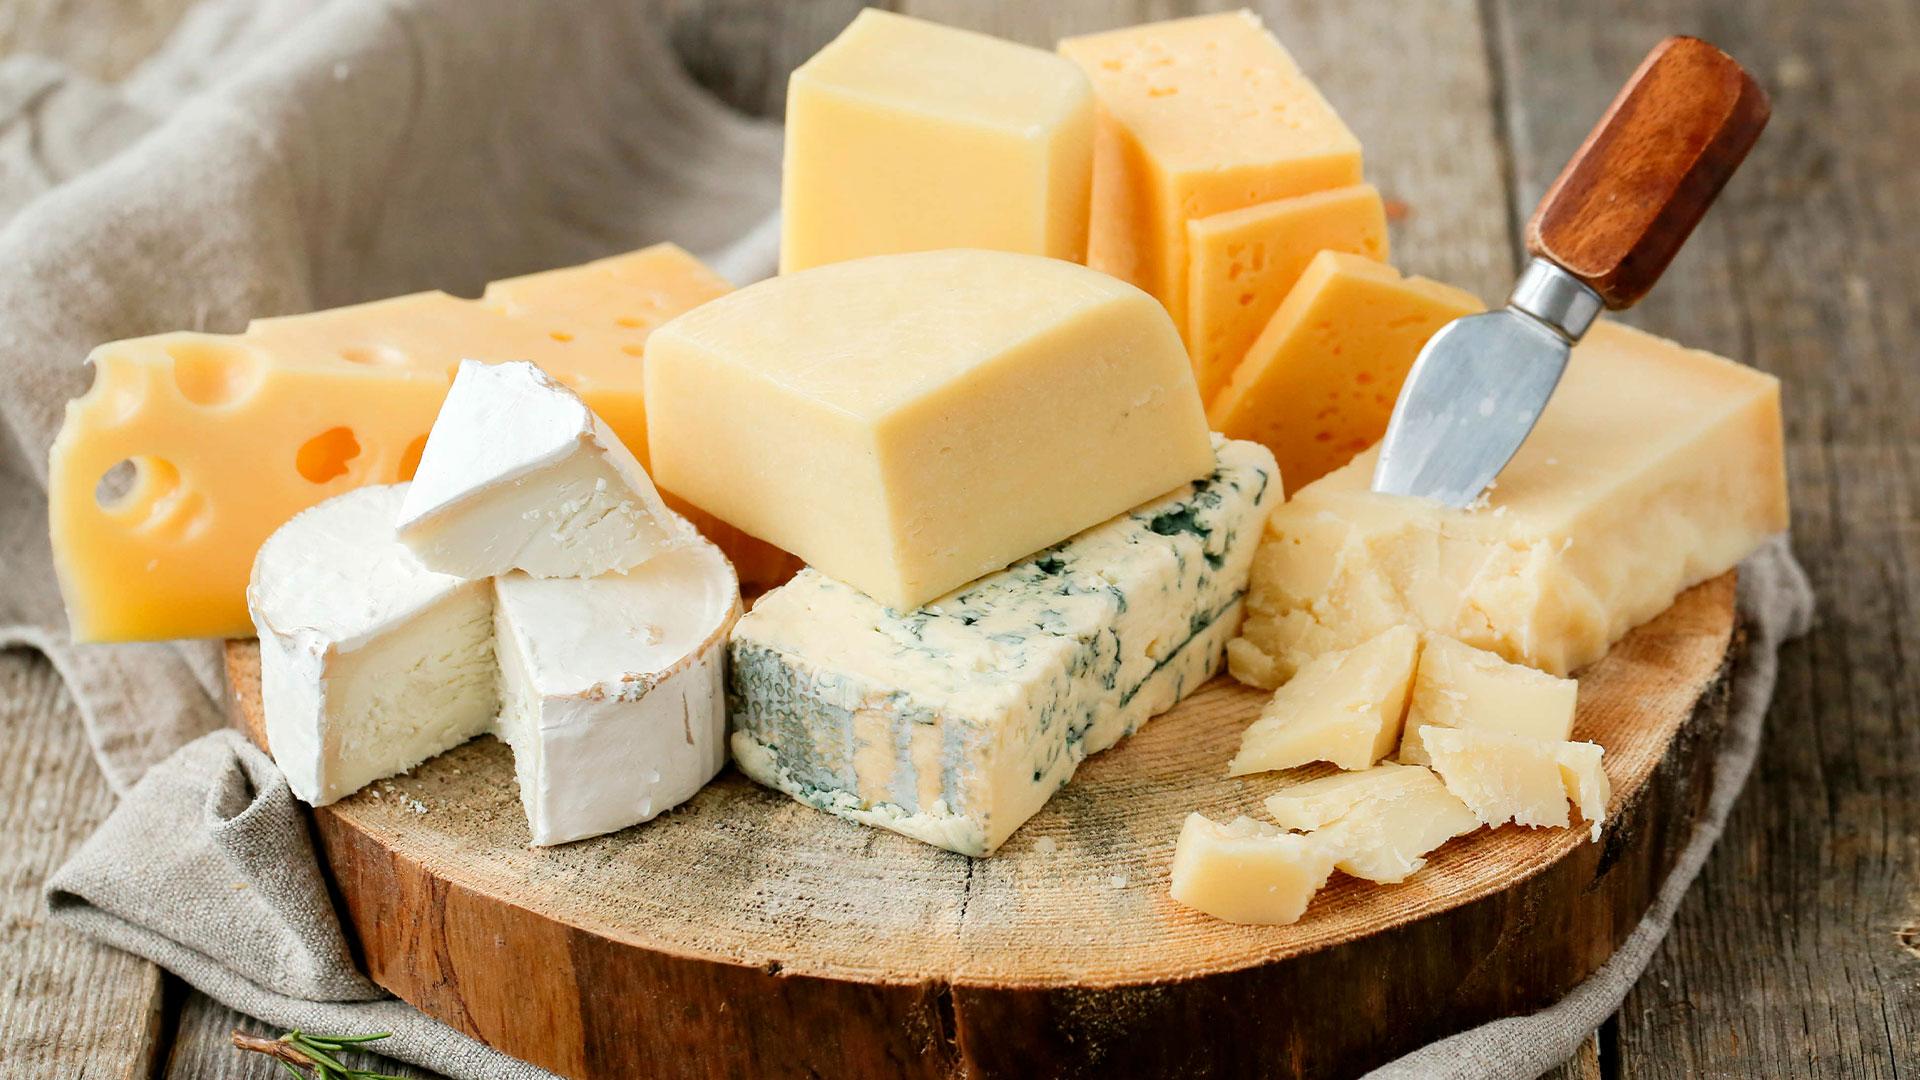 Il formaggio aiuta controllo degli zuccheri nel sangue Stabilizza livelli insulina probabilmente con azione fosfolipidi